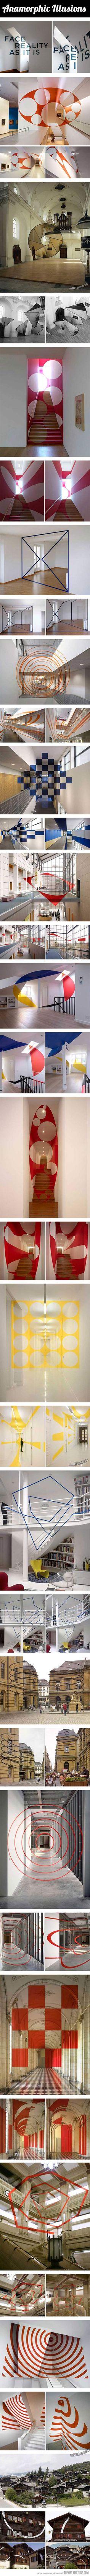 Amazing anamorphic optical illusions…